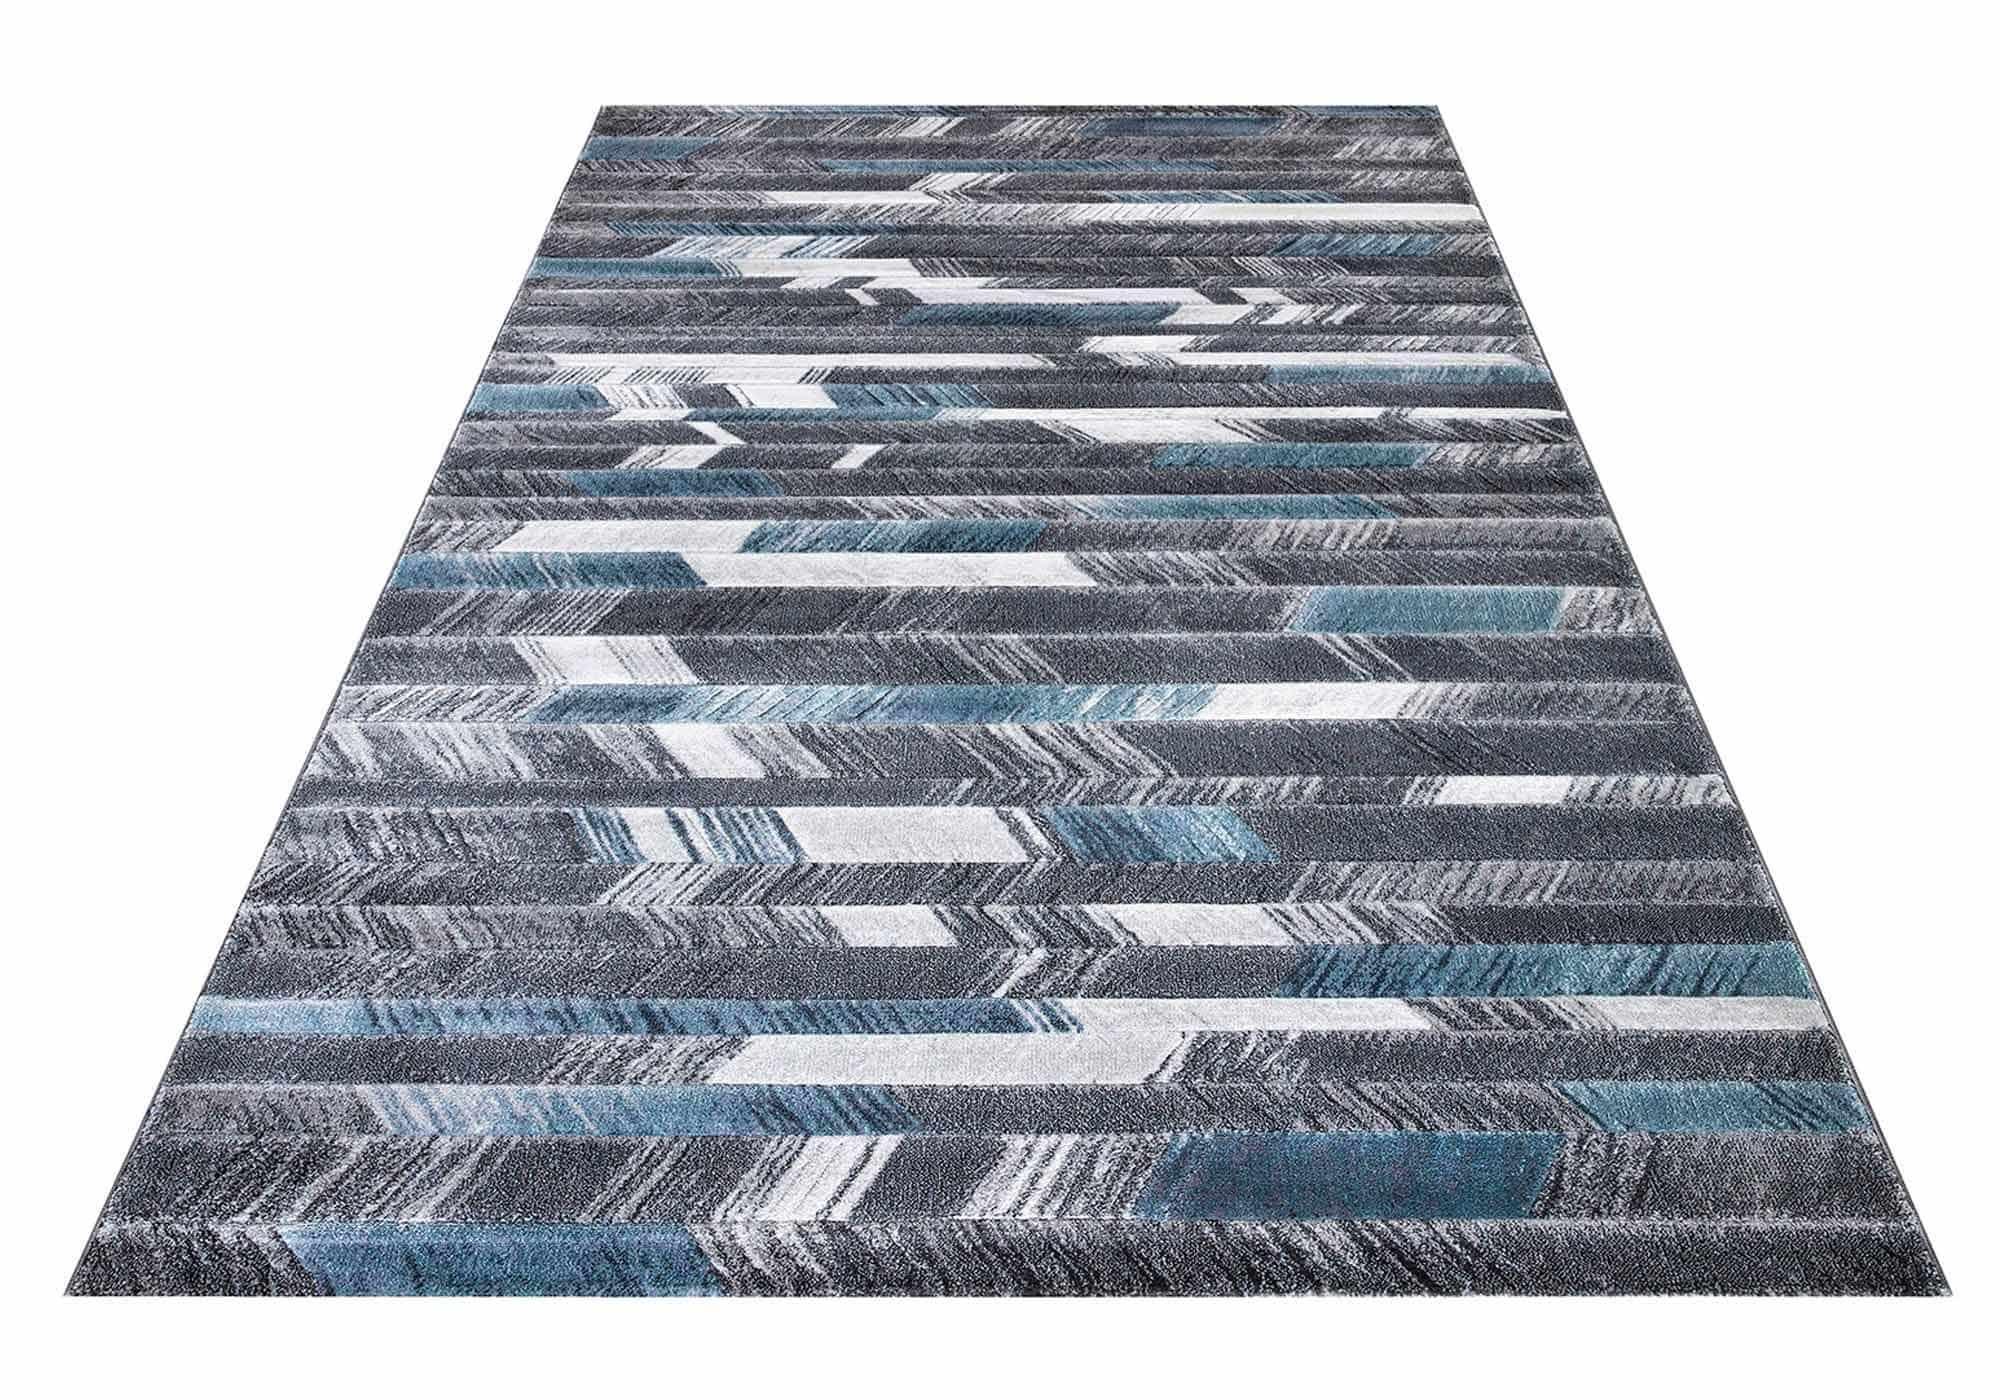 Teppich 160 x 230 cm - blau - Kurzflor - rechteckig - Mykonos